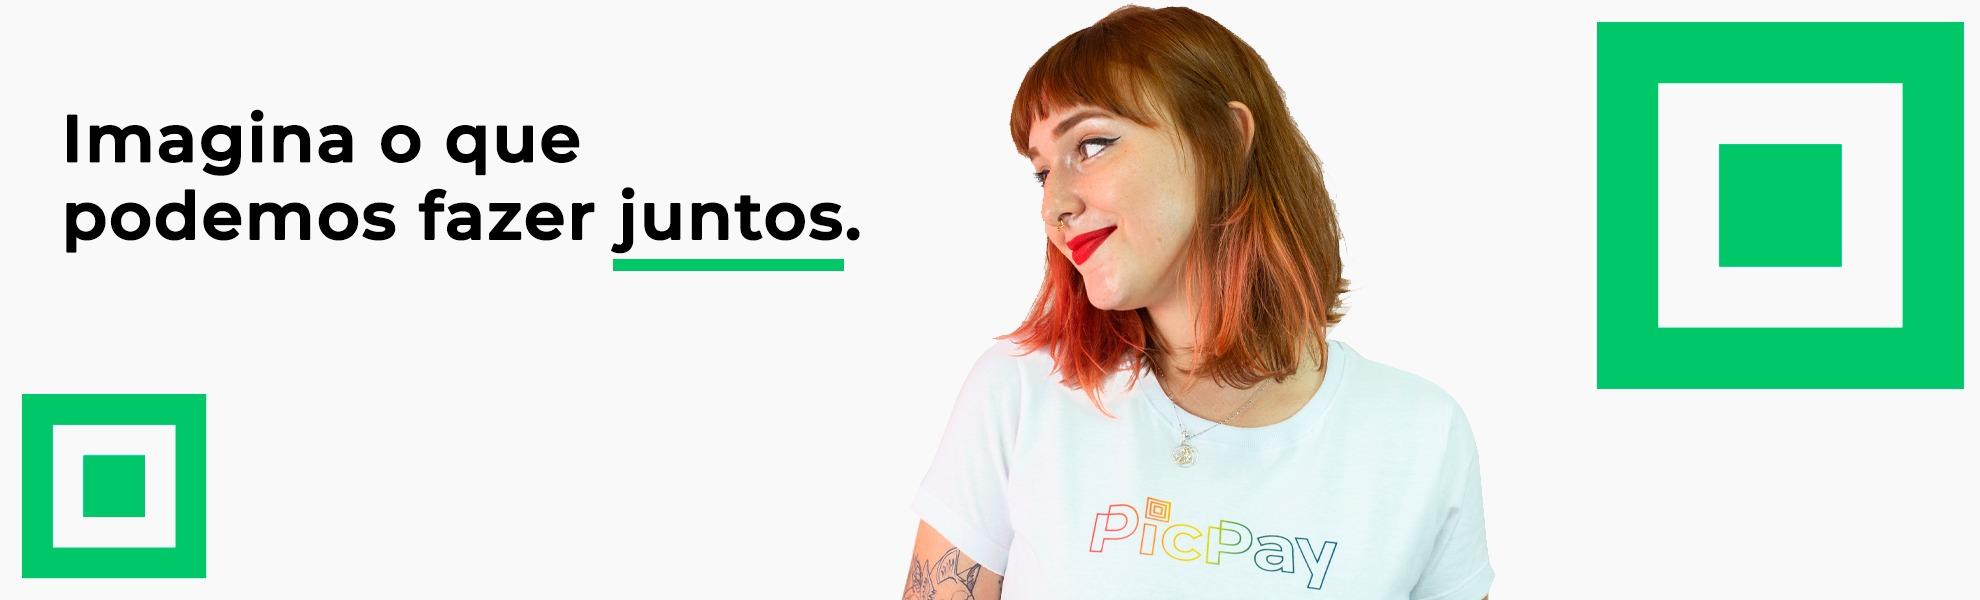 Desenvolvedor PHP - Sênior